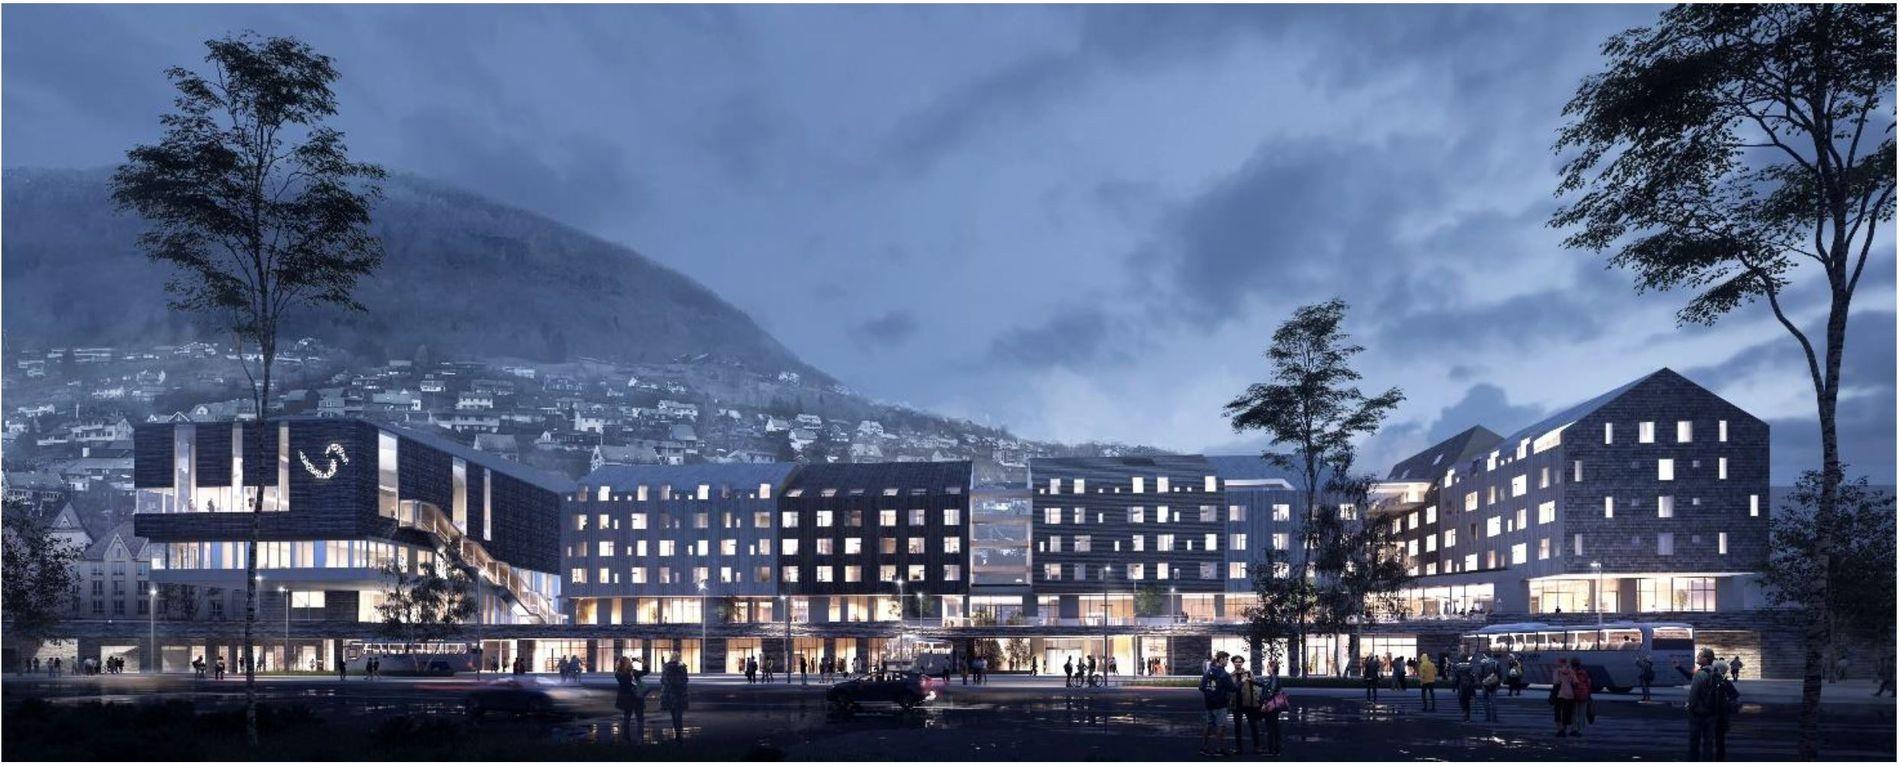 Voss Stasjon Hotell